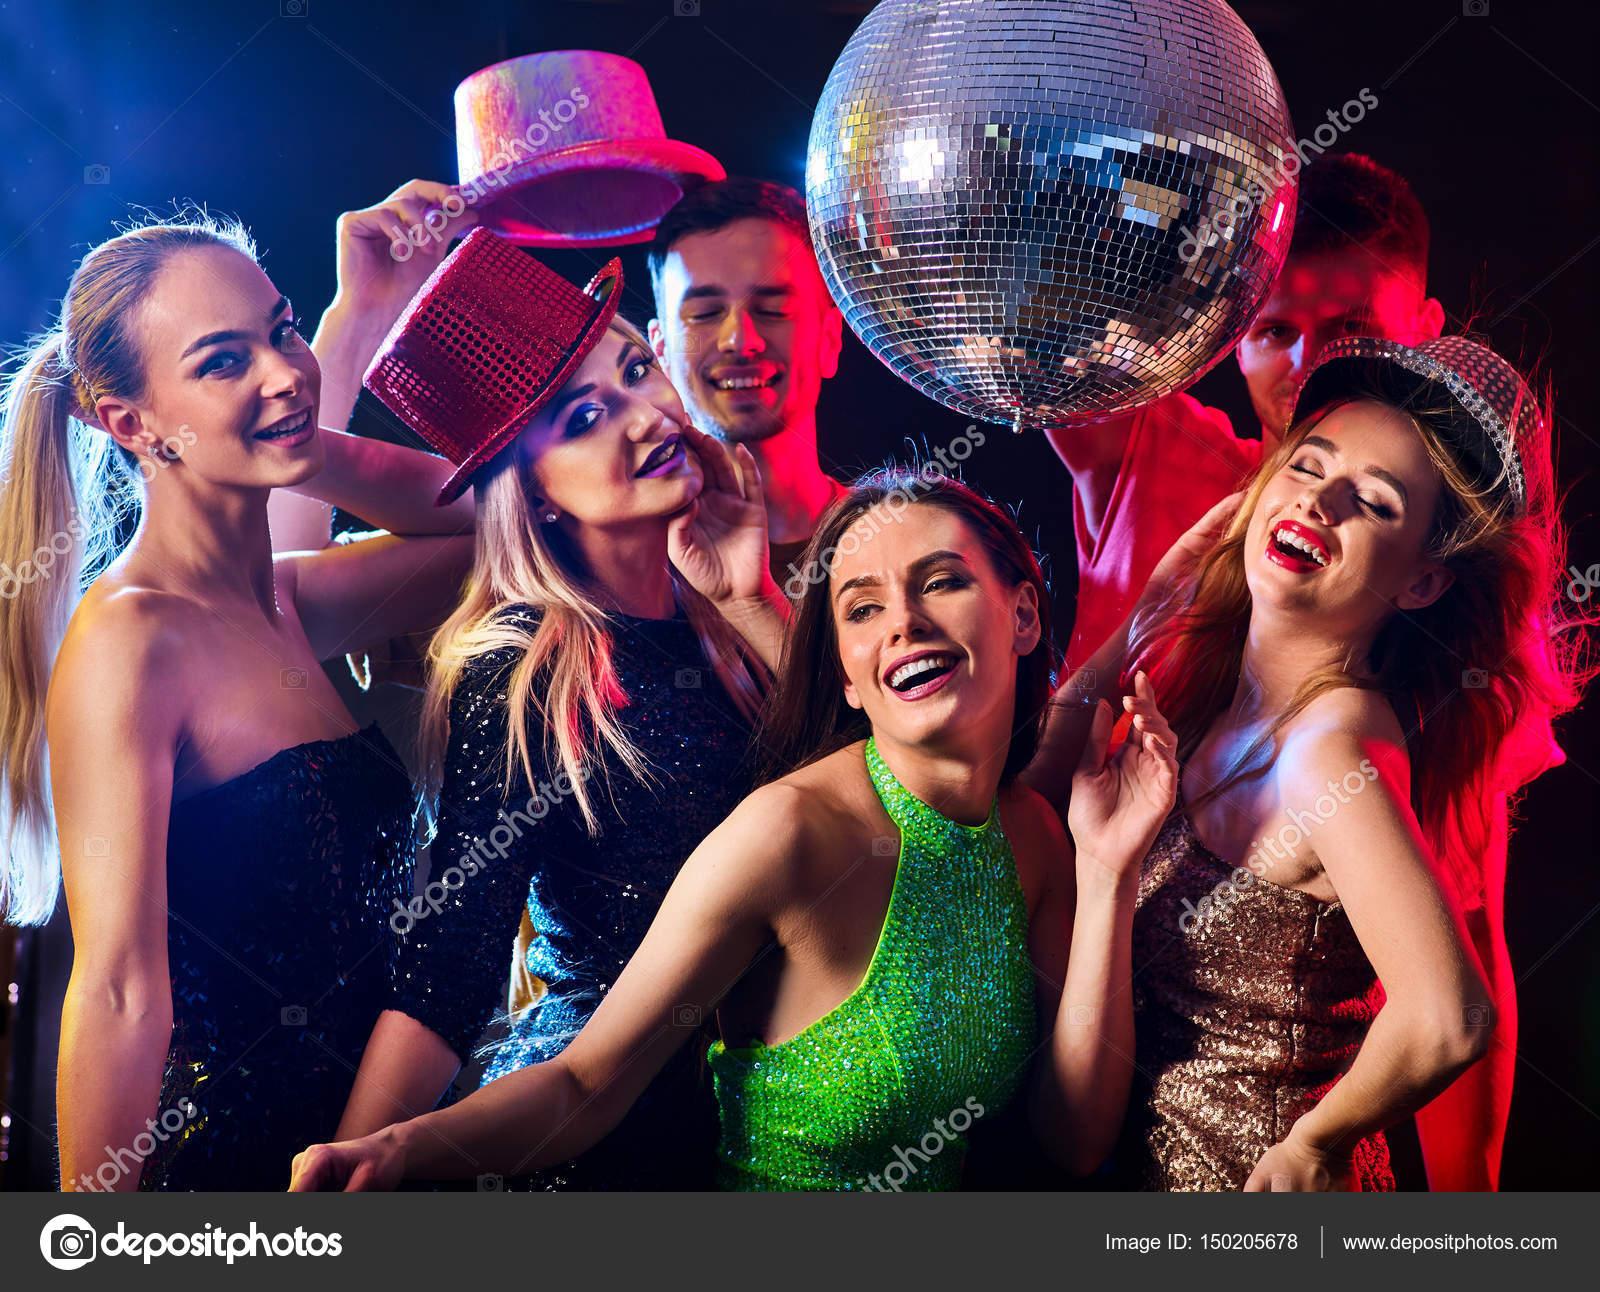 Fiesta De Baile Con Grupo De Personas Bailando Y Bola De